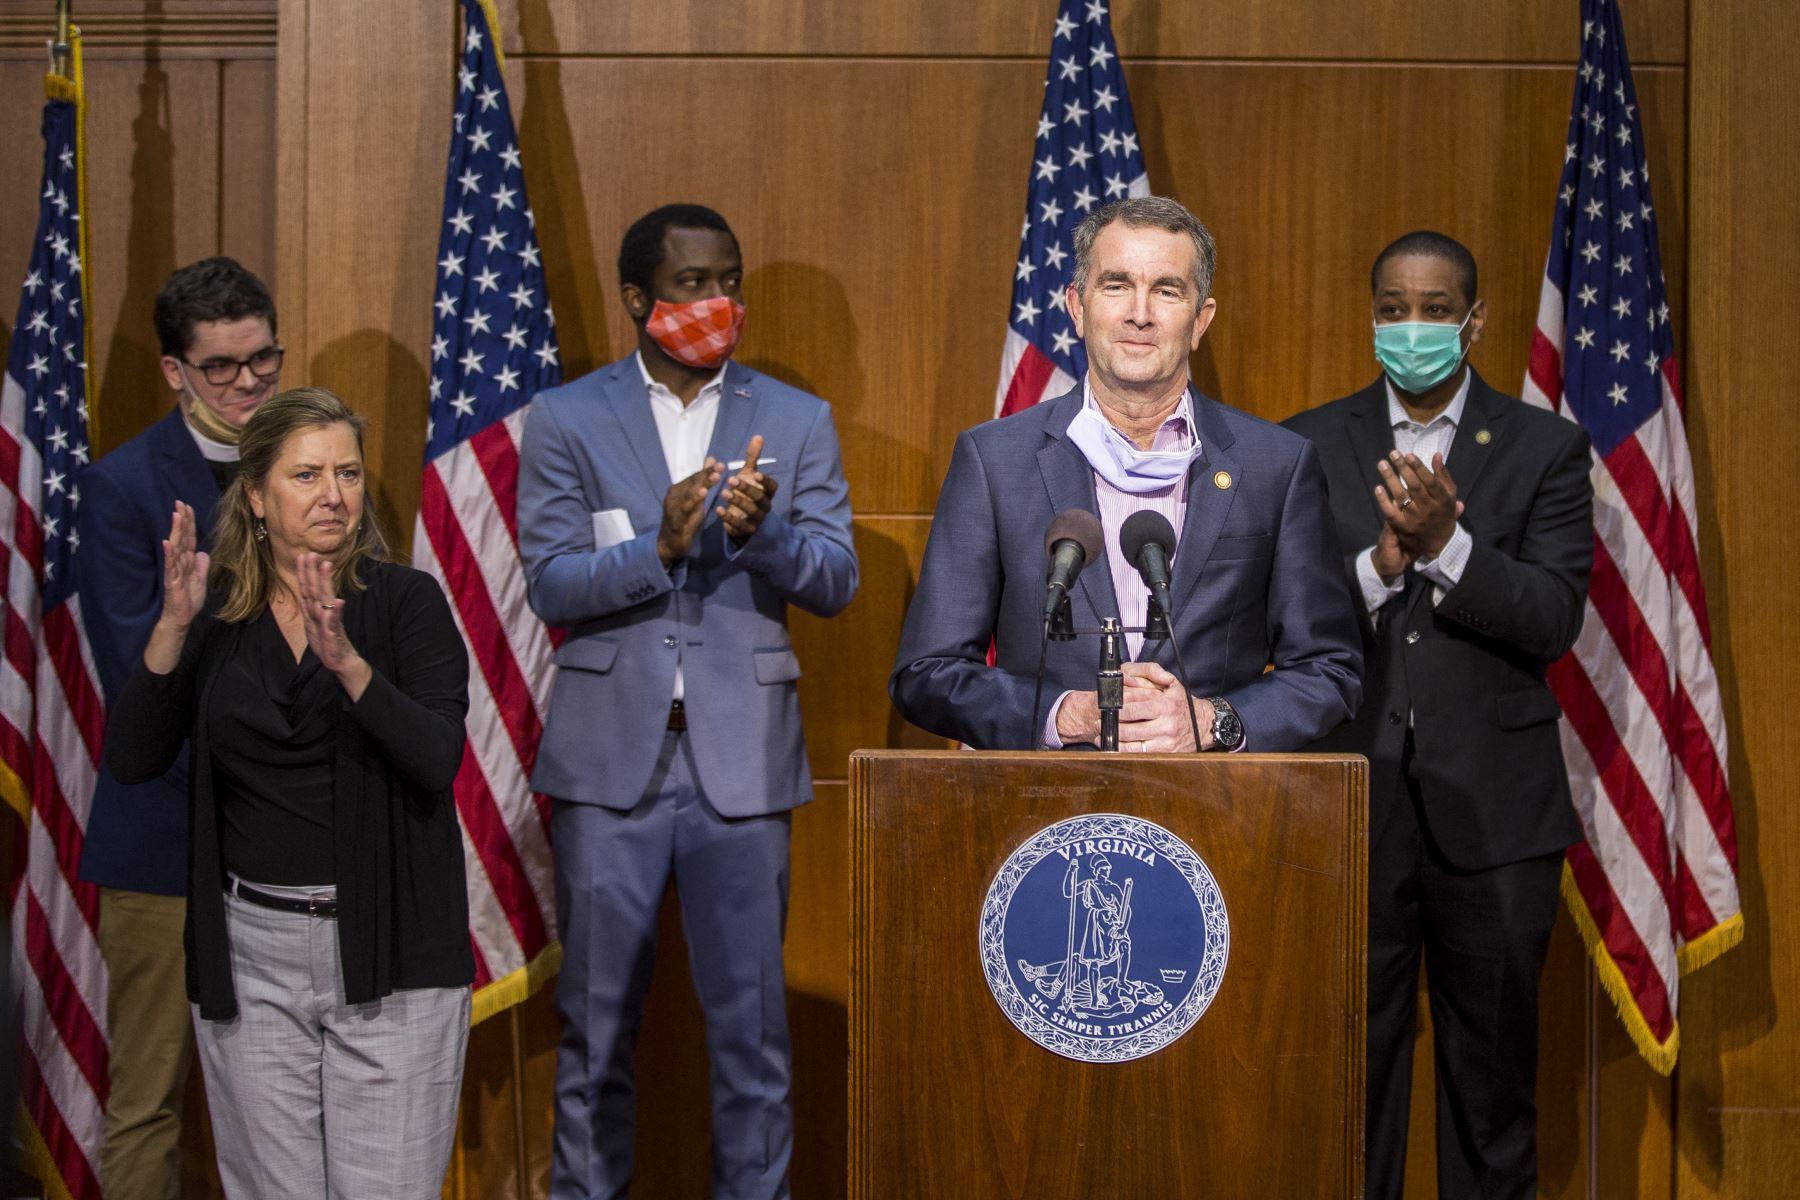 El gobernador afirmó que la aplicación de la pena de muerte en Virginia se llevaba a cabo con defectos de procedimiento y además tenía sesgos raciales. Foto: AFP